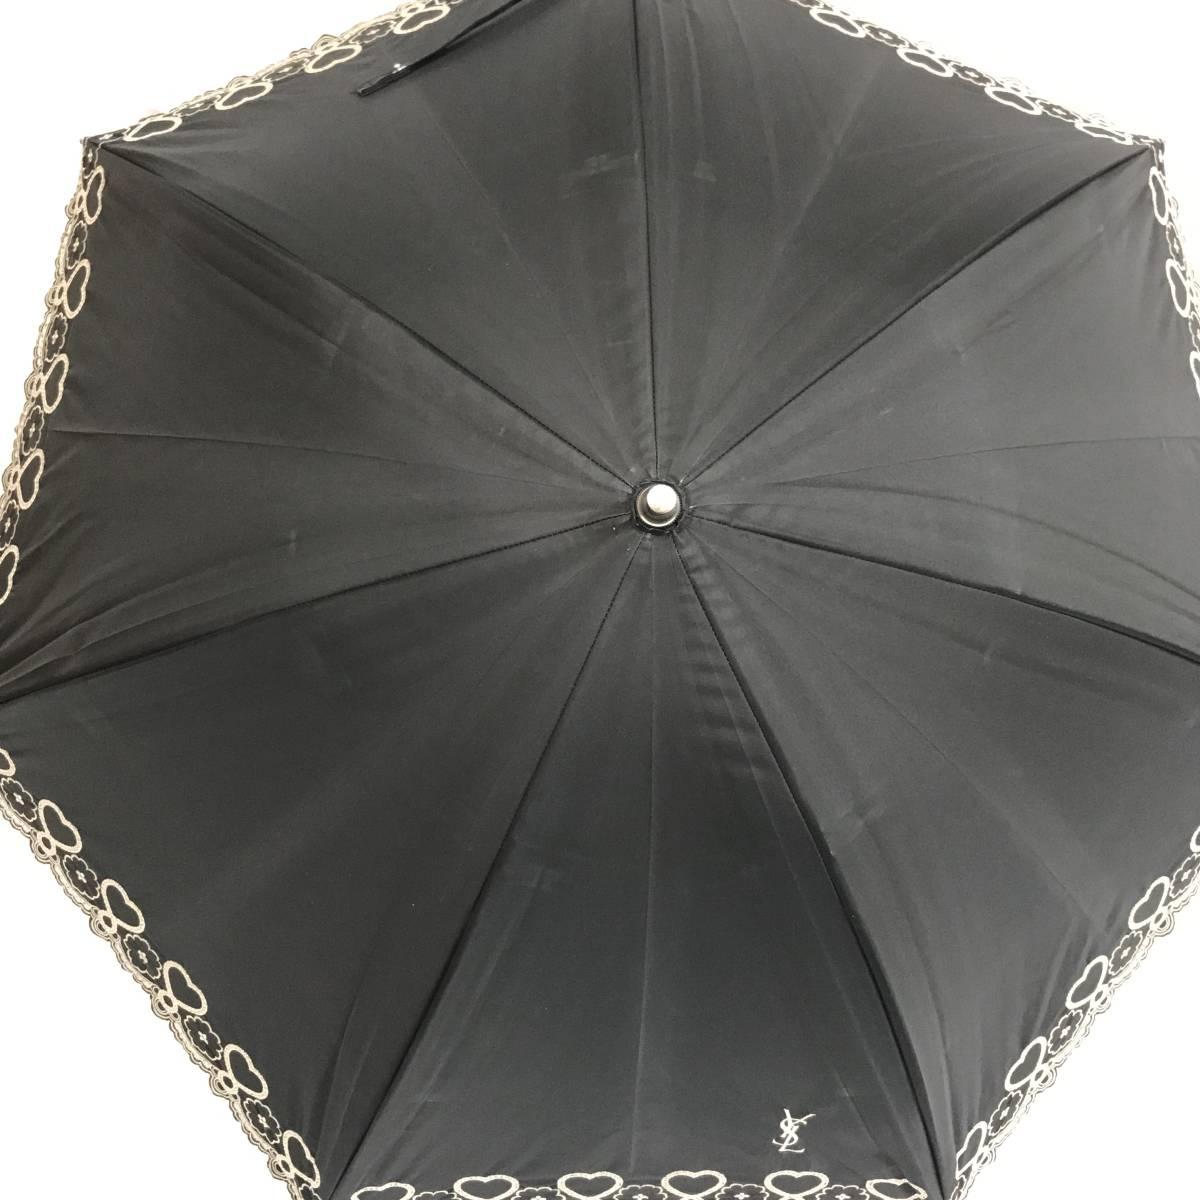 い090761 中古 YVES SAINT LAURENT イヴサンローラン AURORA オーロラ 晴雨兼用 雨傘 日傘 長傘 サマーシールド 女性用_画像6